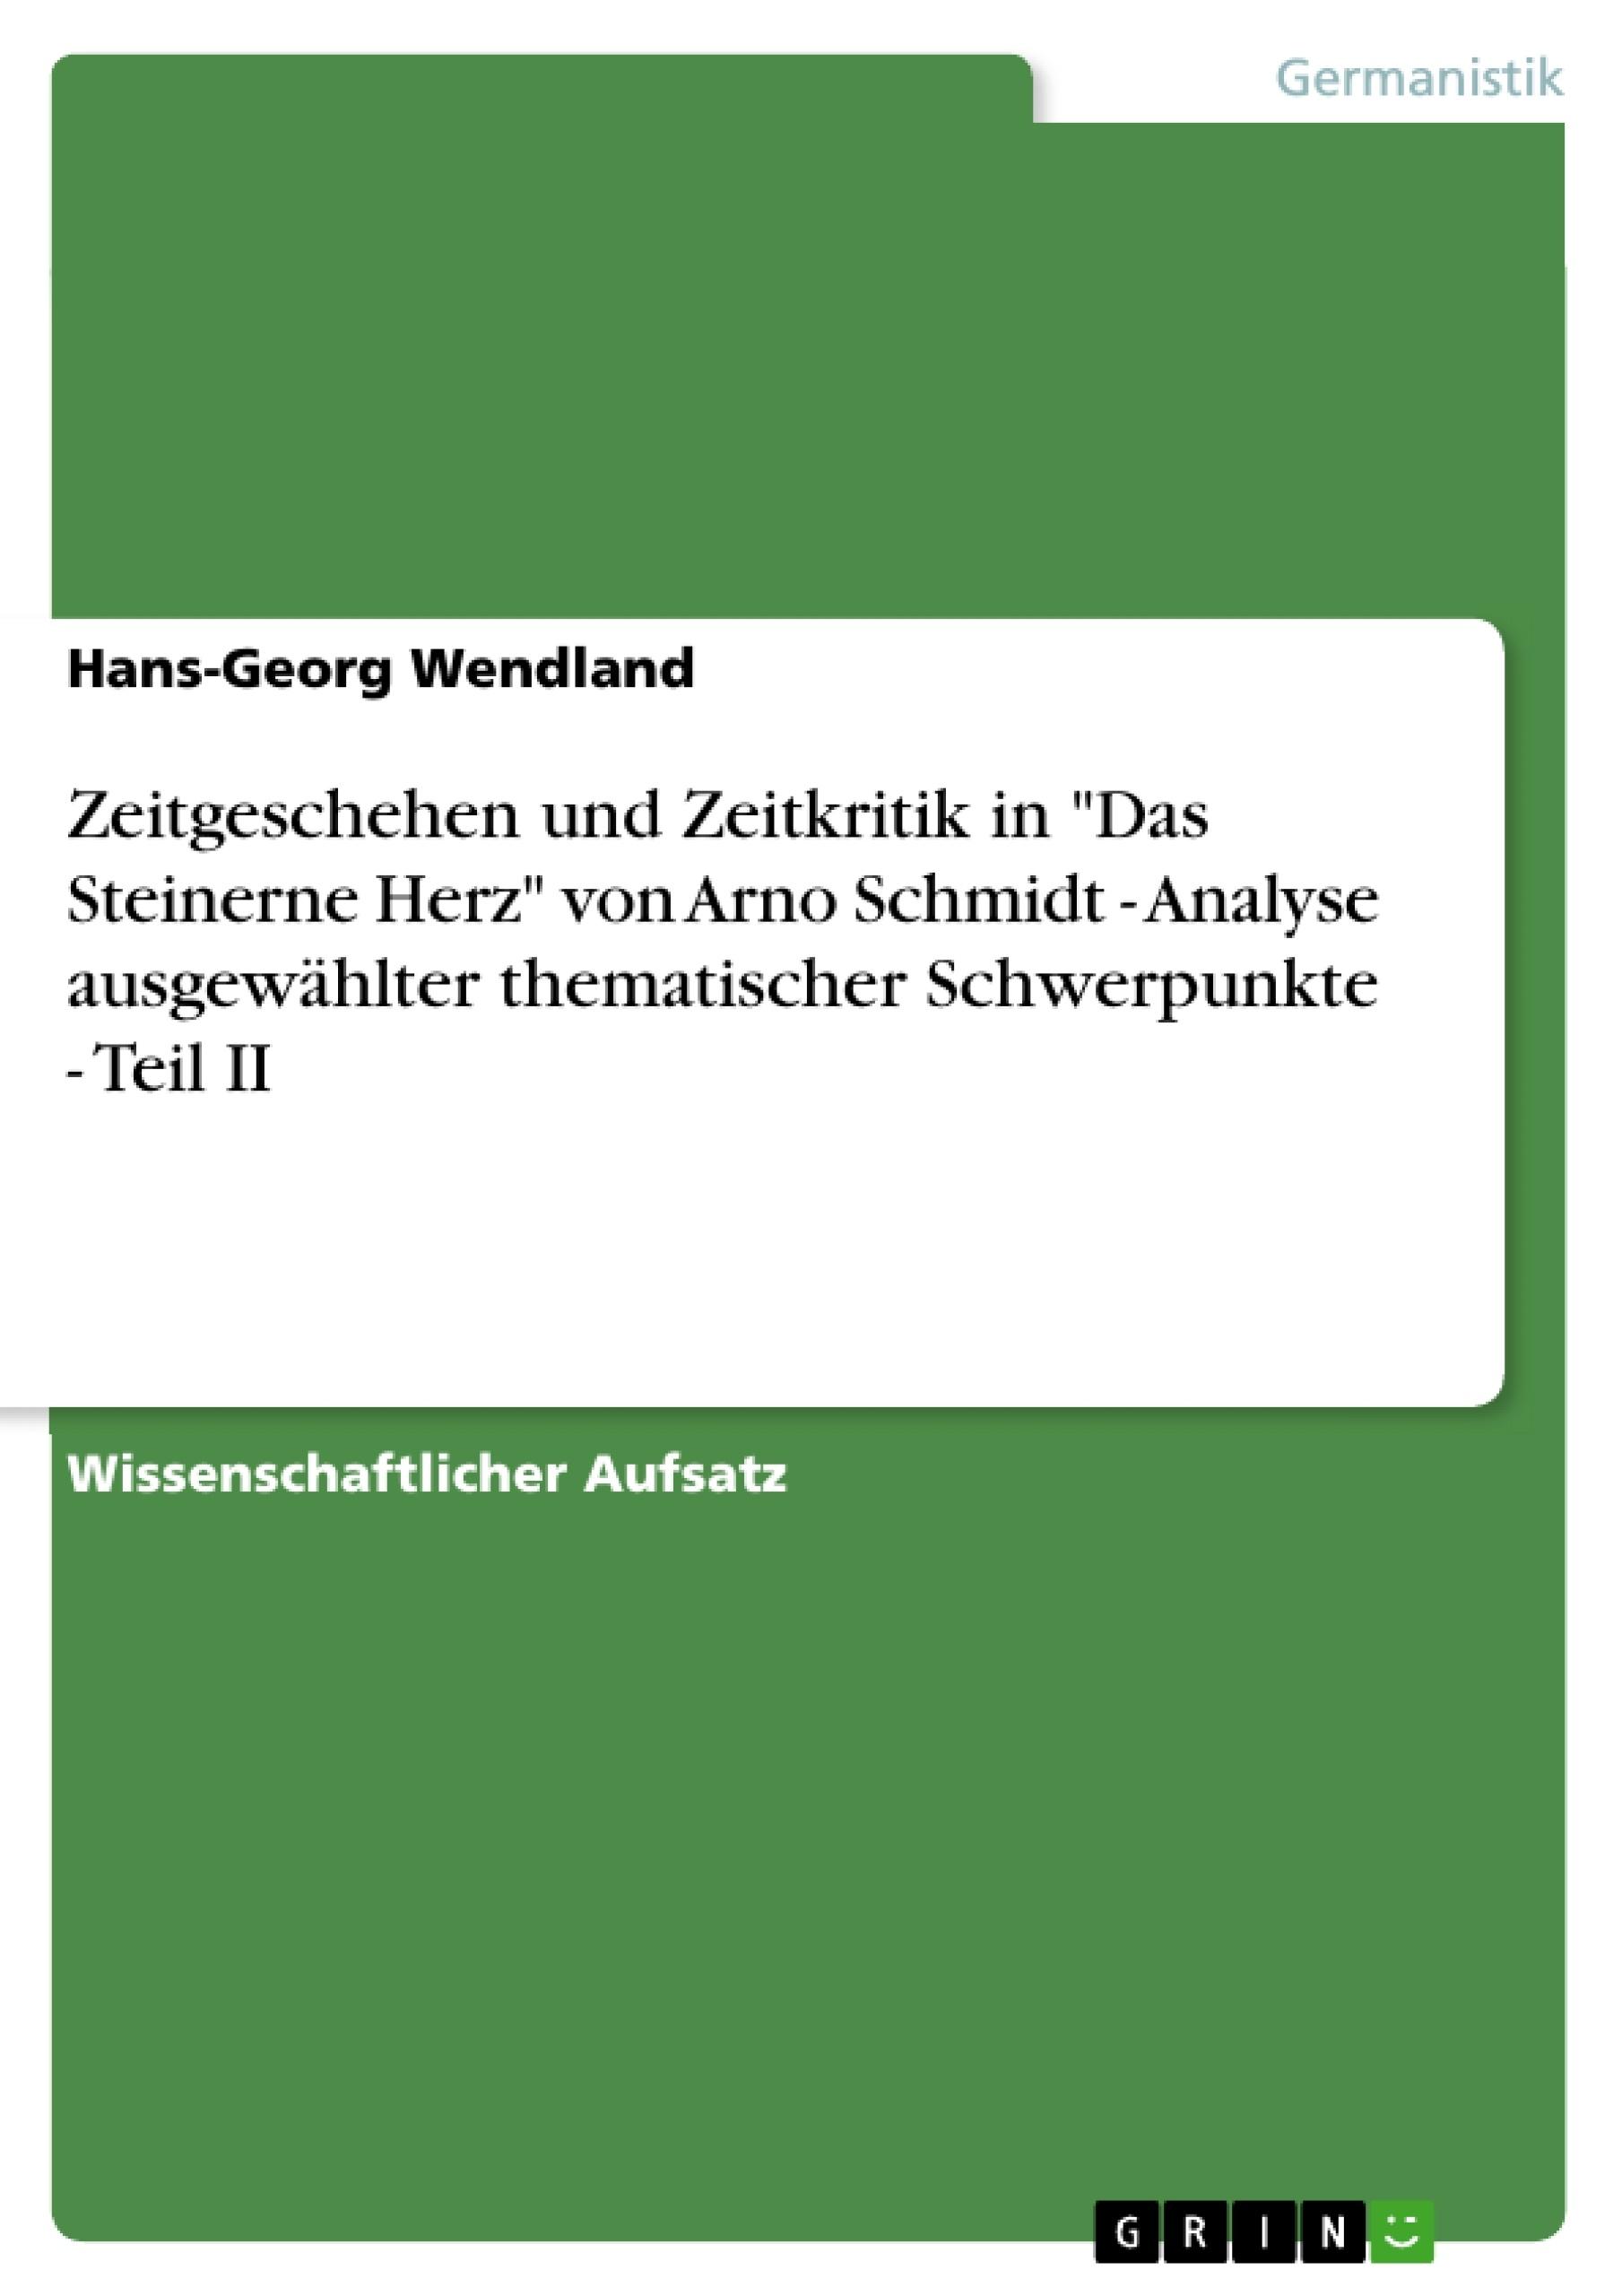 """Titel: Zeitgeschehen und Zeitkritik in """"Das Steinerne Herz"""" von Arno Schmidt - Analyse ausgewählter thematischer Schwerpunkte - Teil II"""